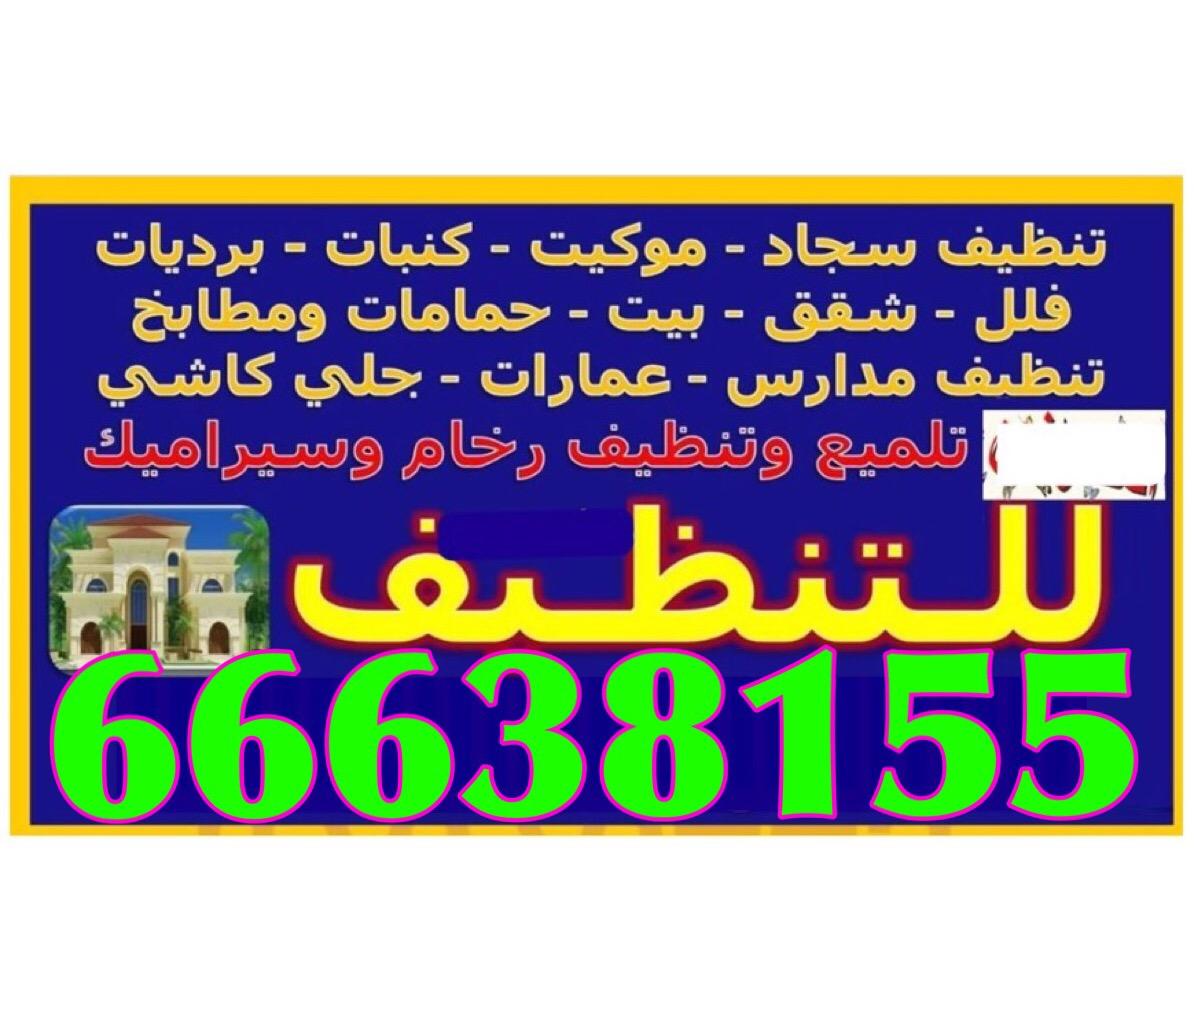 شركة تنظيف الوطنية 66638155